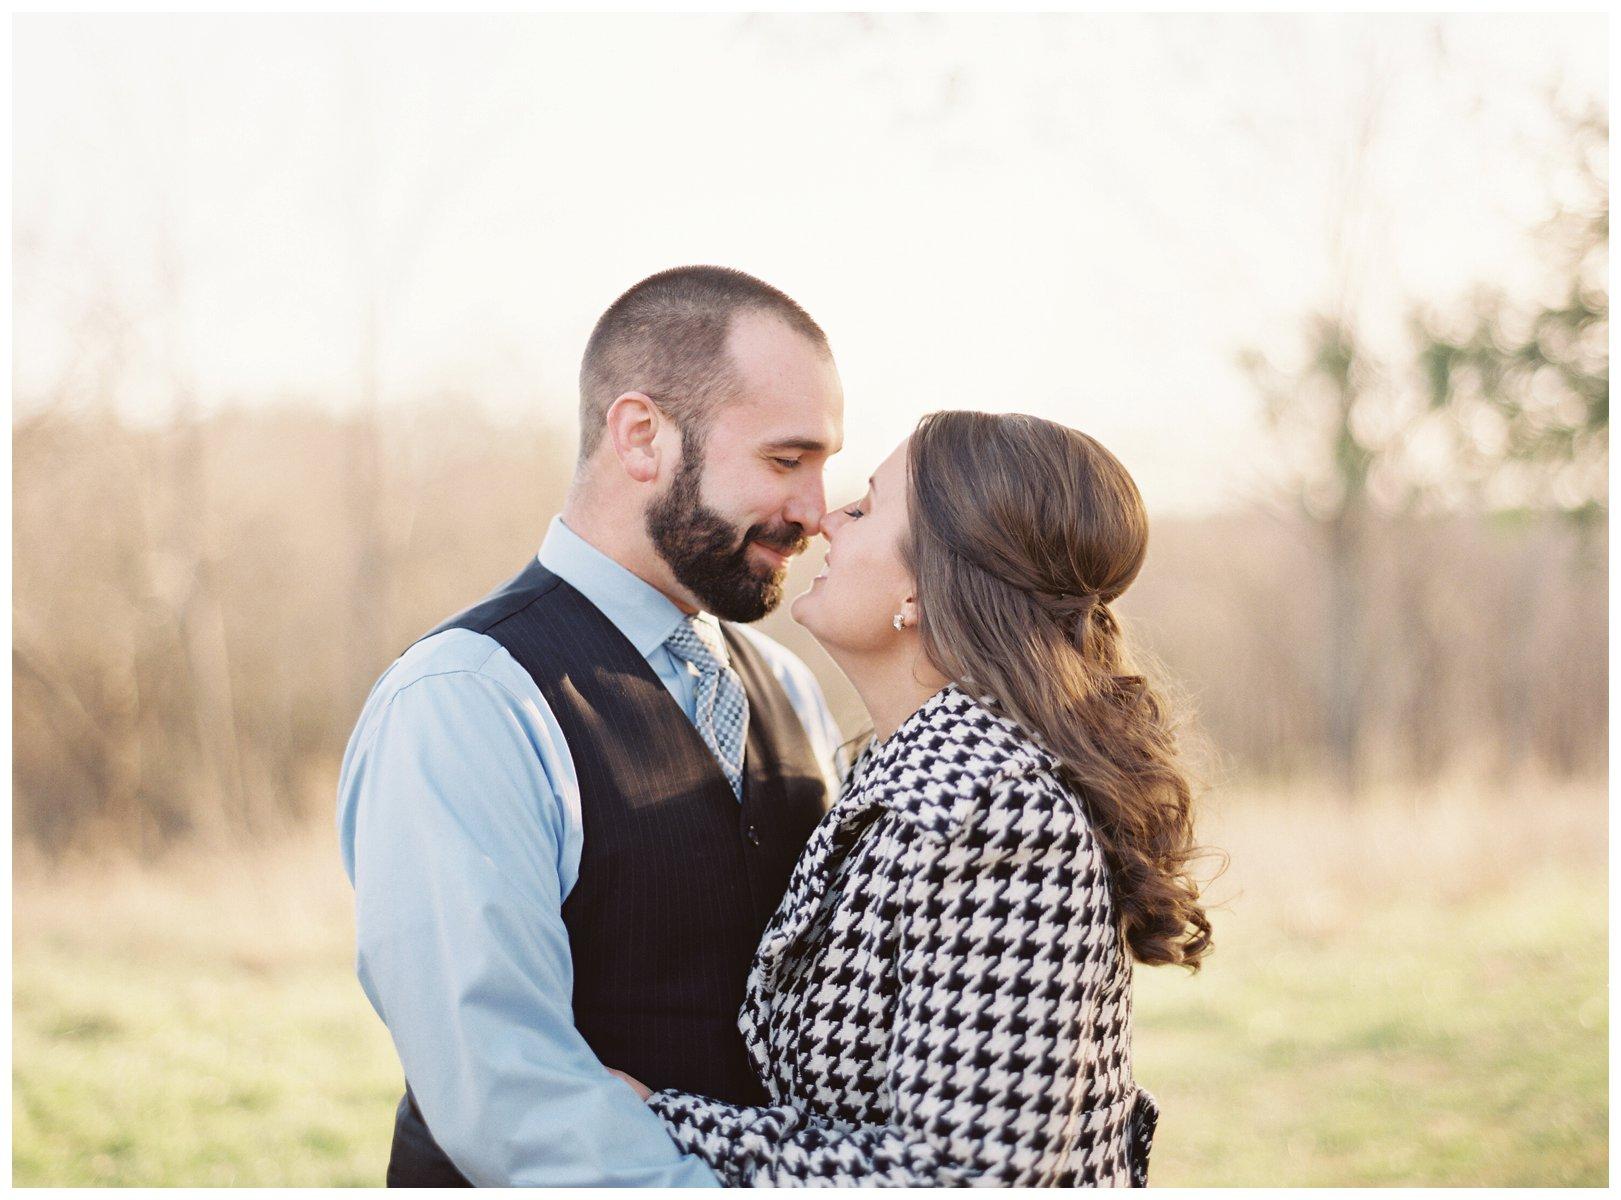 lauren muckler photography_fine art film wedding photography_st louis_photography_0895.jpg